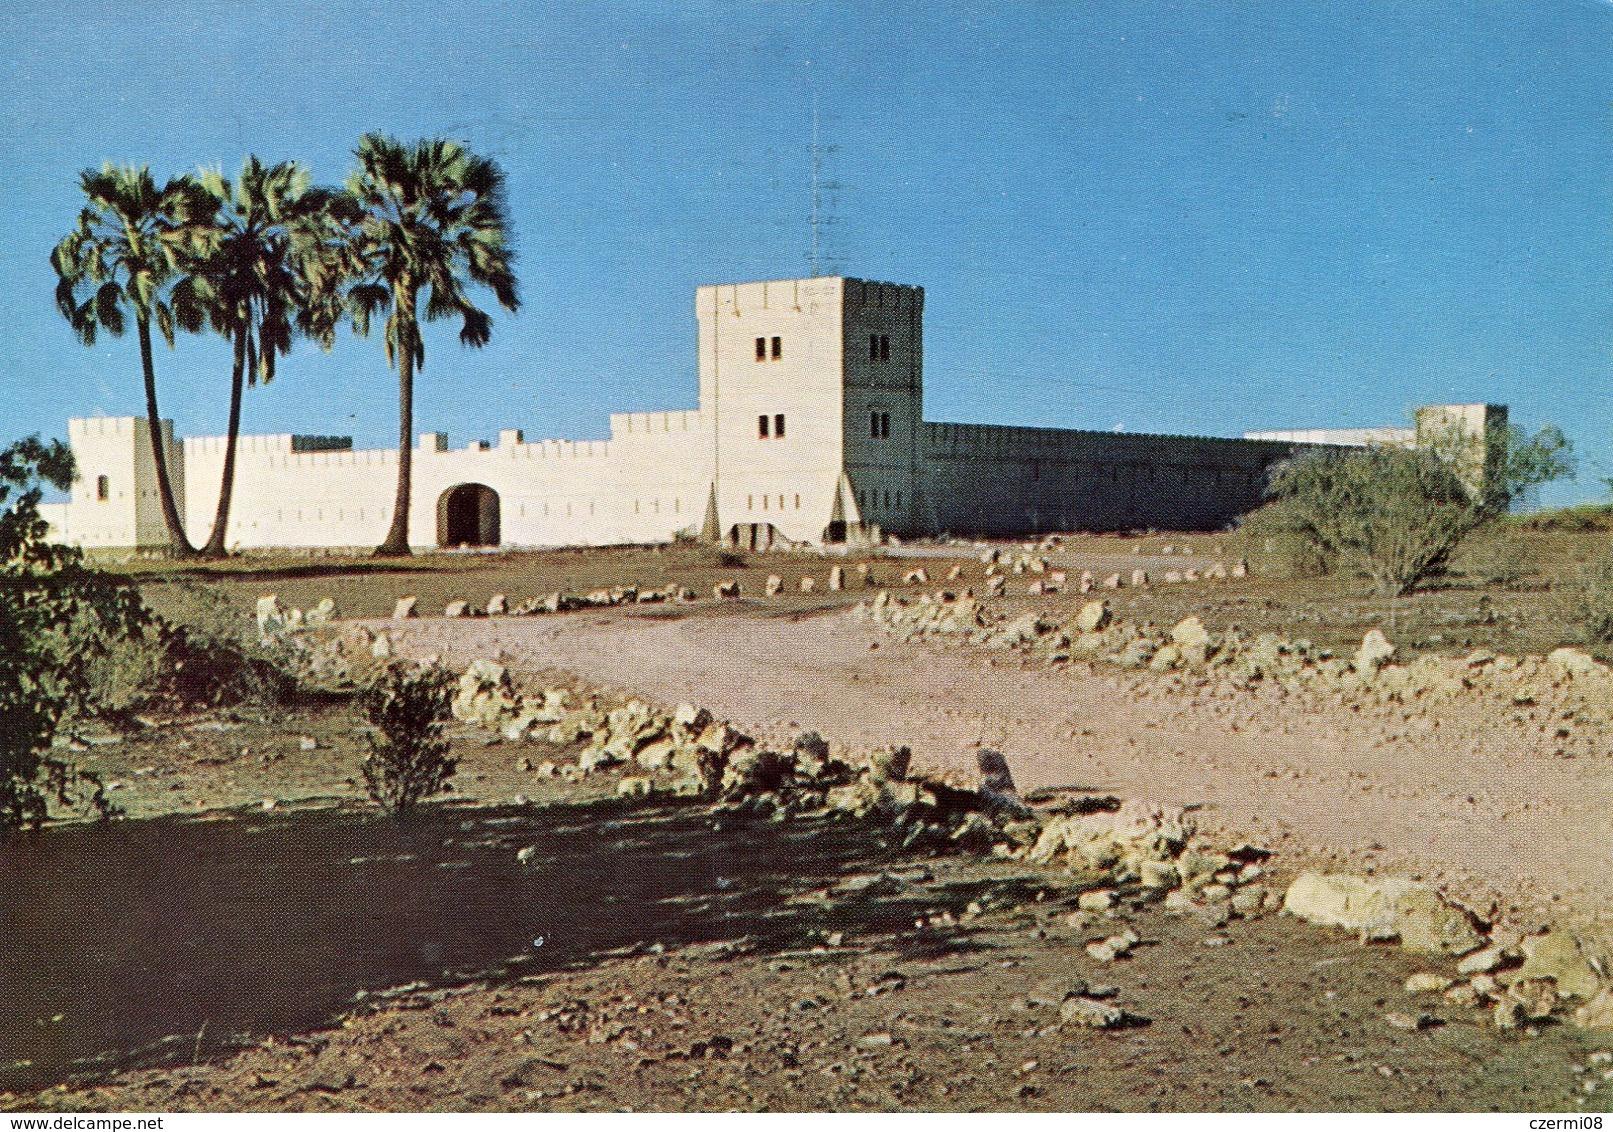 SWA (Namibia) - Fort Namutoni - Namibie